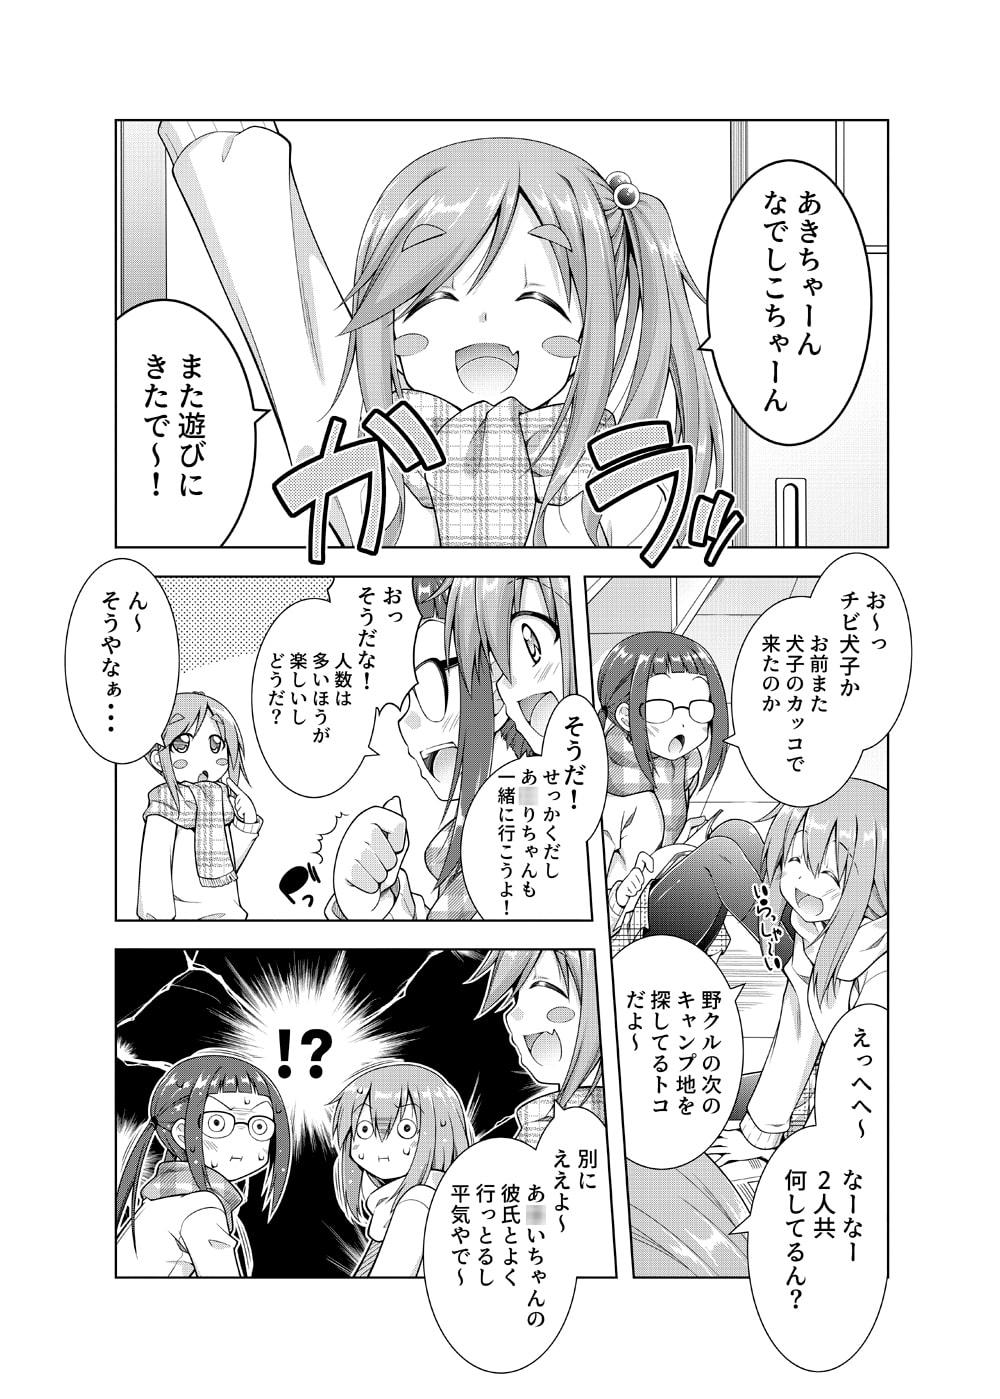 犬山あ○いちゃんとイチャキャン総集編